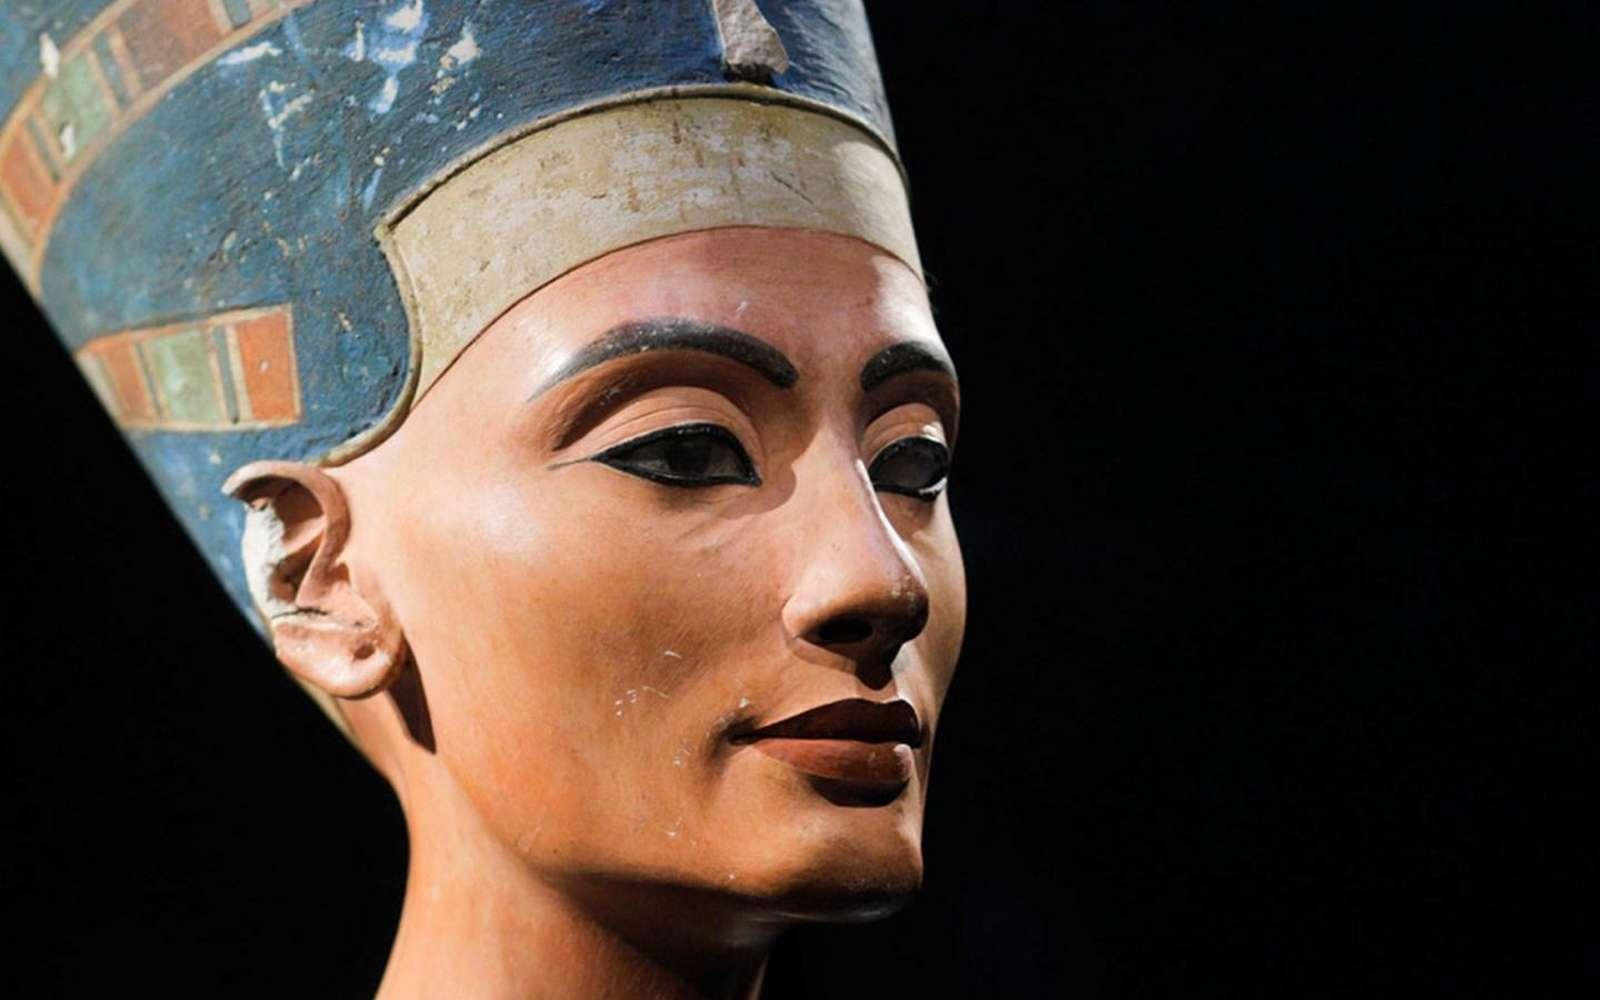 Néfertiti : son tombeau se trouve-t-il près de celui de Toutankhamon ?